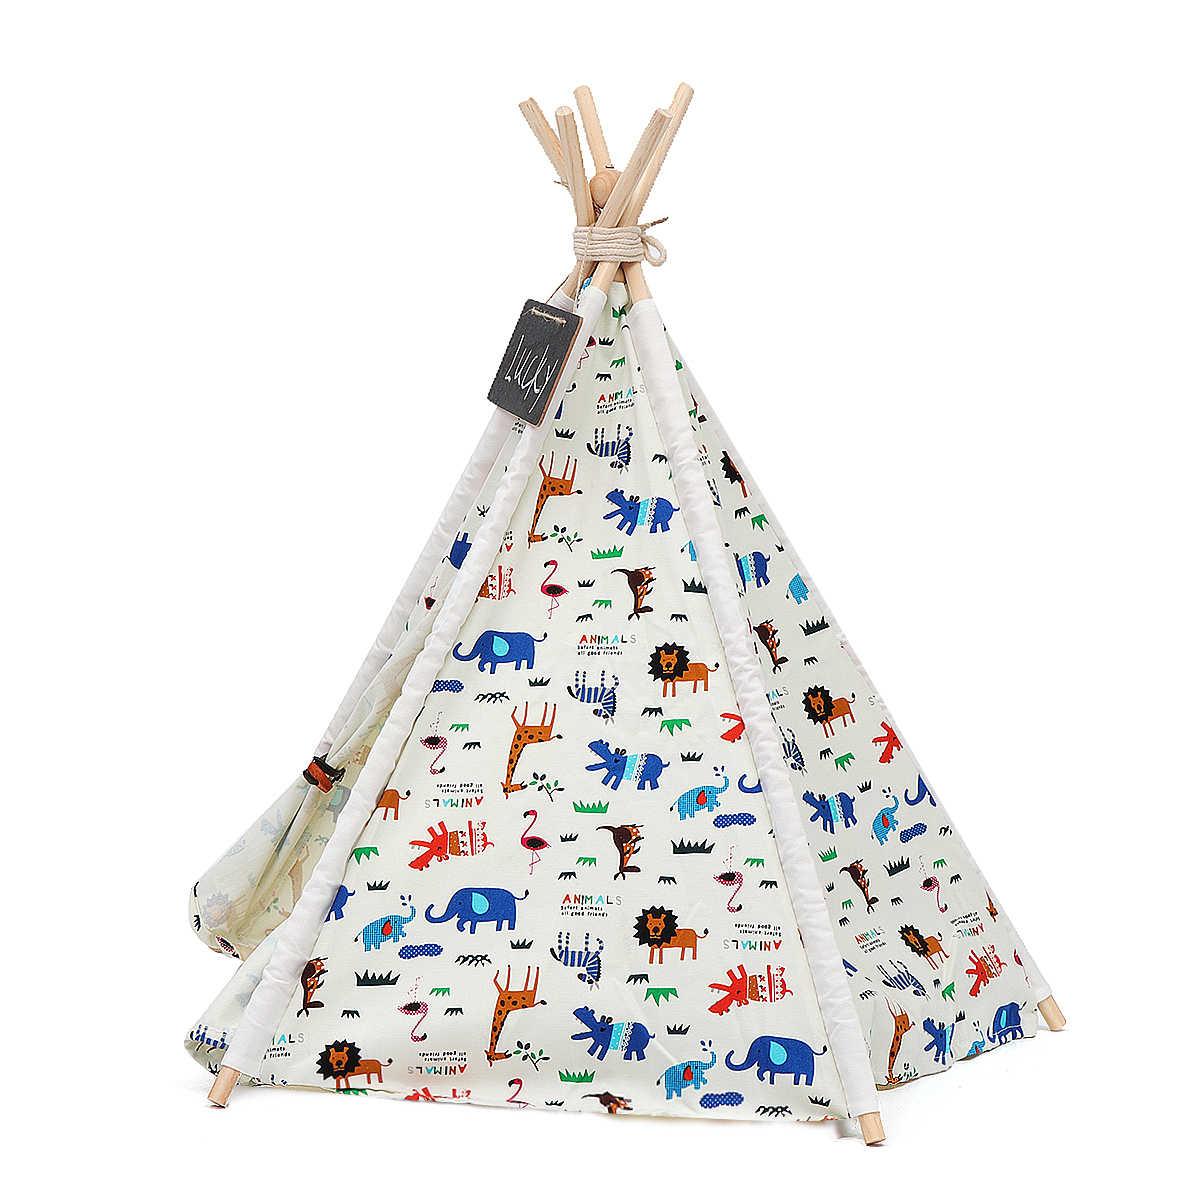 折りたたみペット犬ハウス犬小屋洗えるテント子犬猫ベッド屋内屋外のホーム演奏ティーピーティピー犬用品ポータブル S /M/L